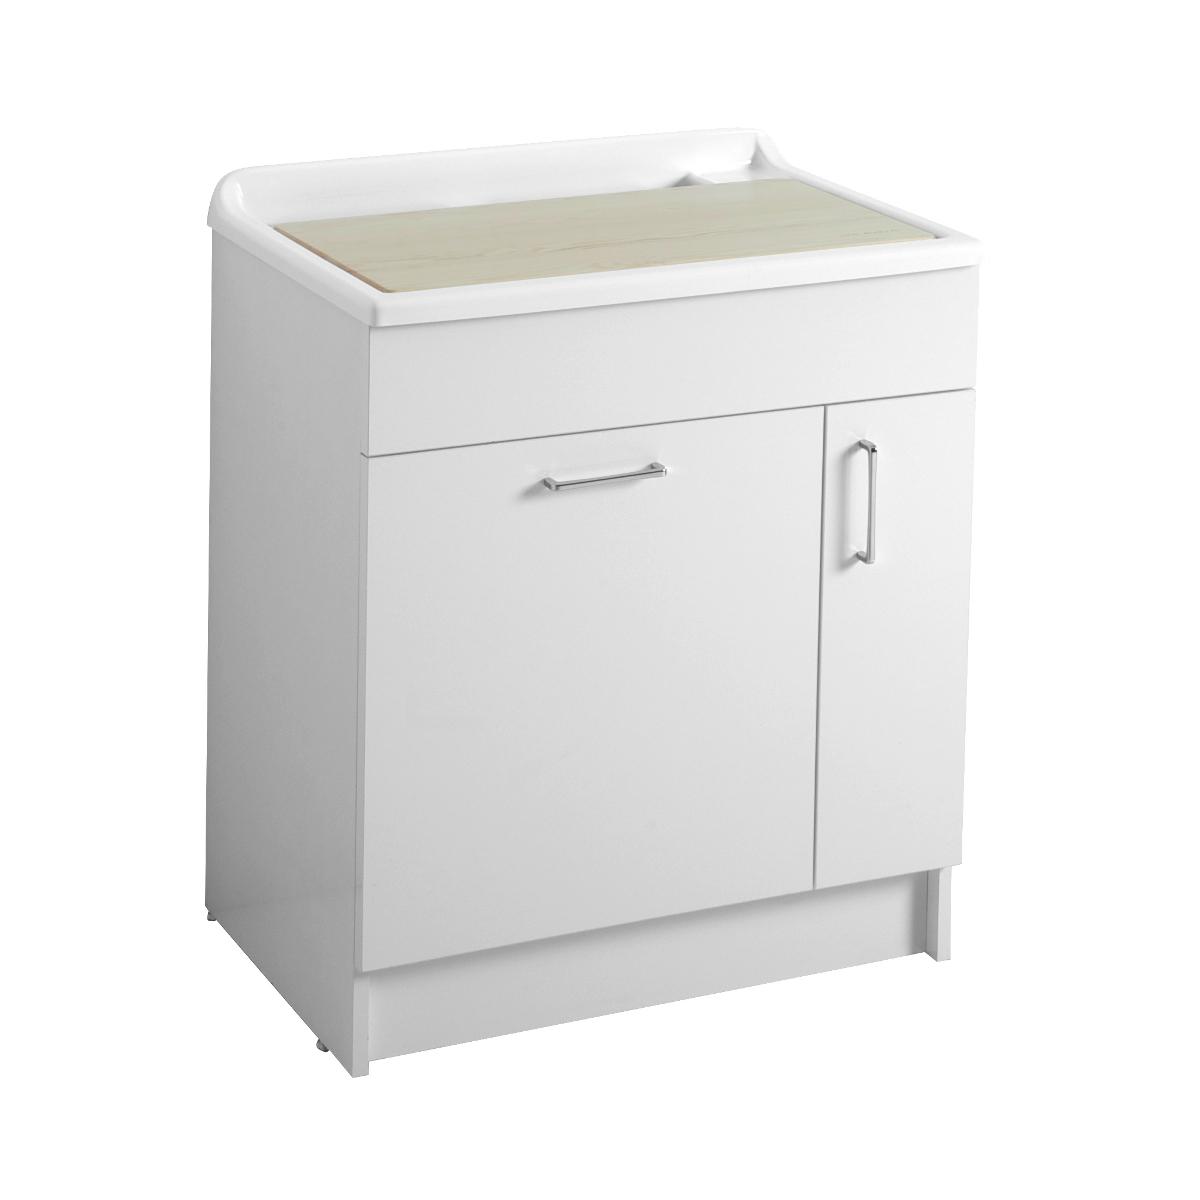 Mobile con cesto portabiancheria e lavabo 75x50x86 lindo max - Mobile bagno con portabiancheria ...